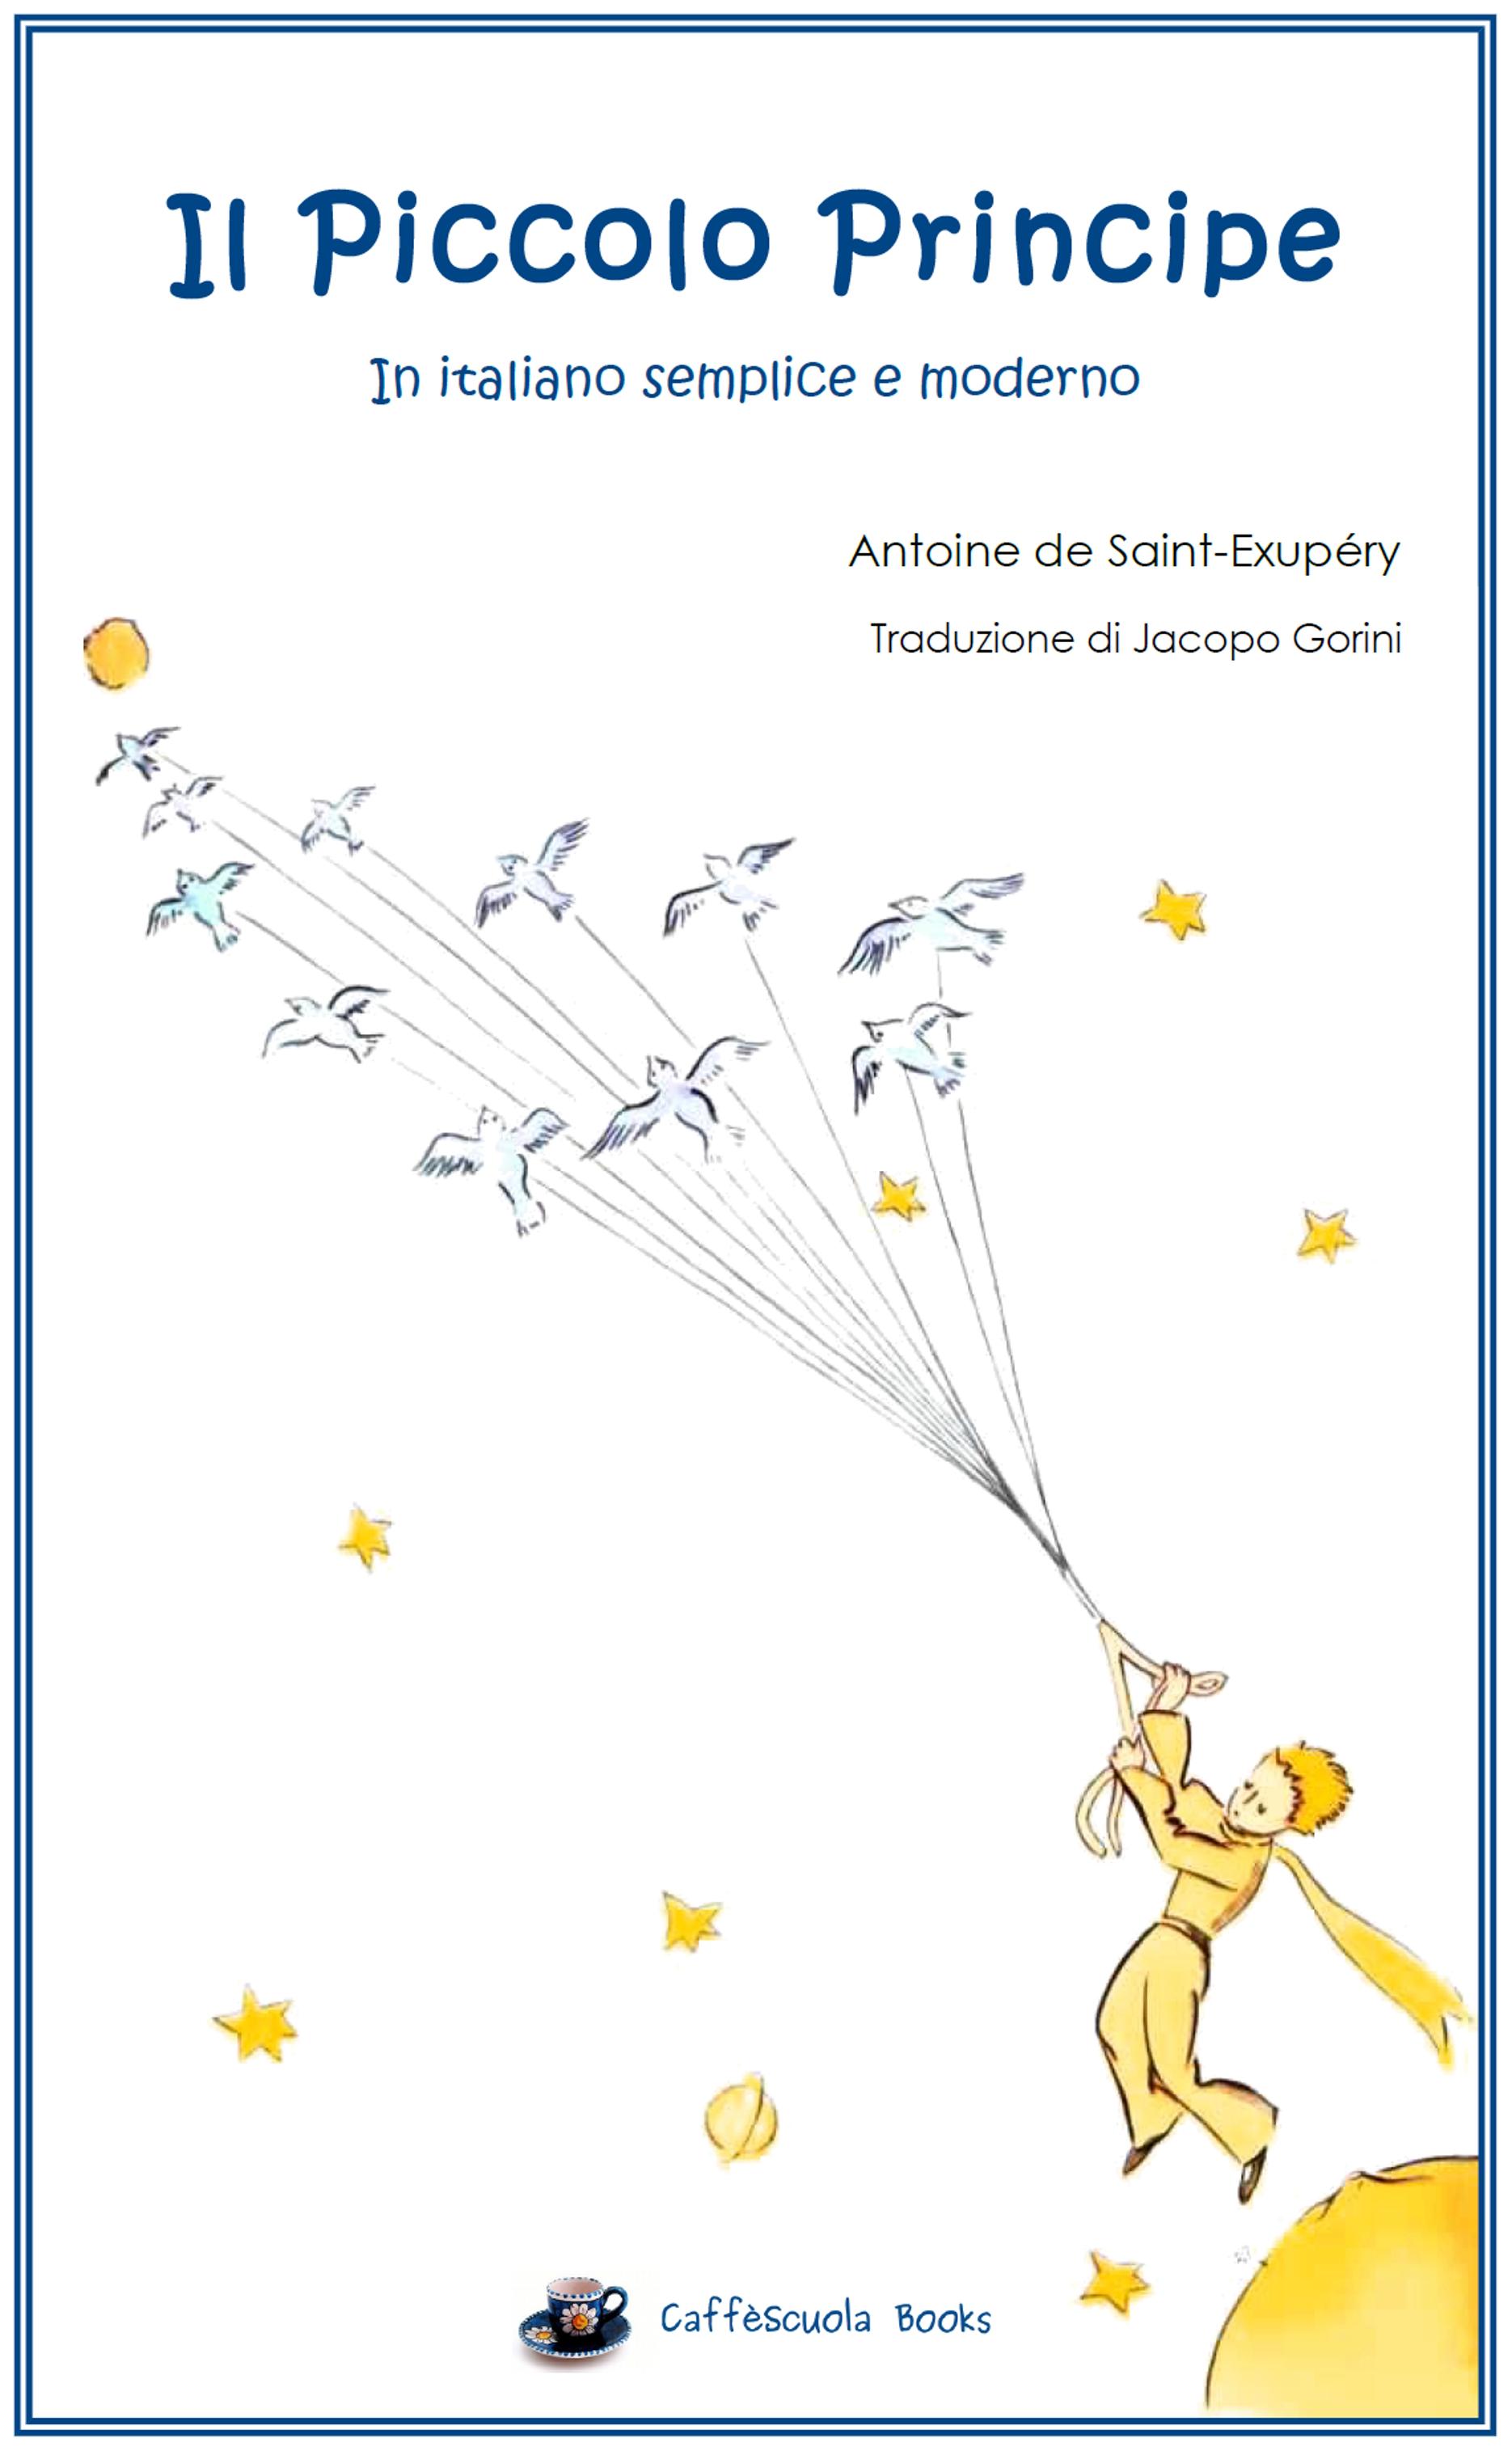 Il piccolo principe il libro caff scuola for Piccolo in francese